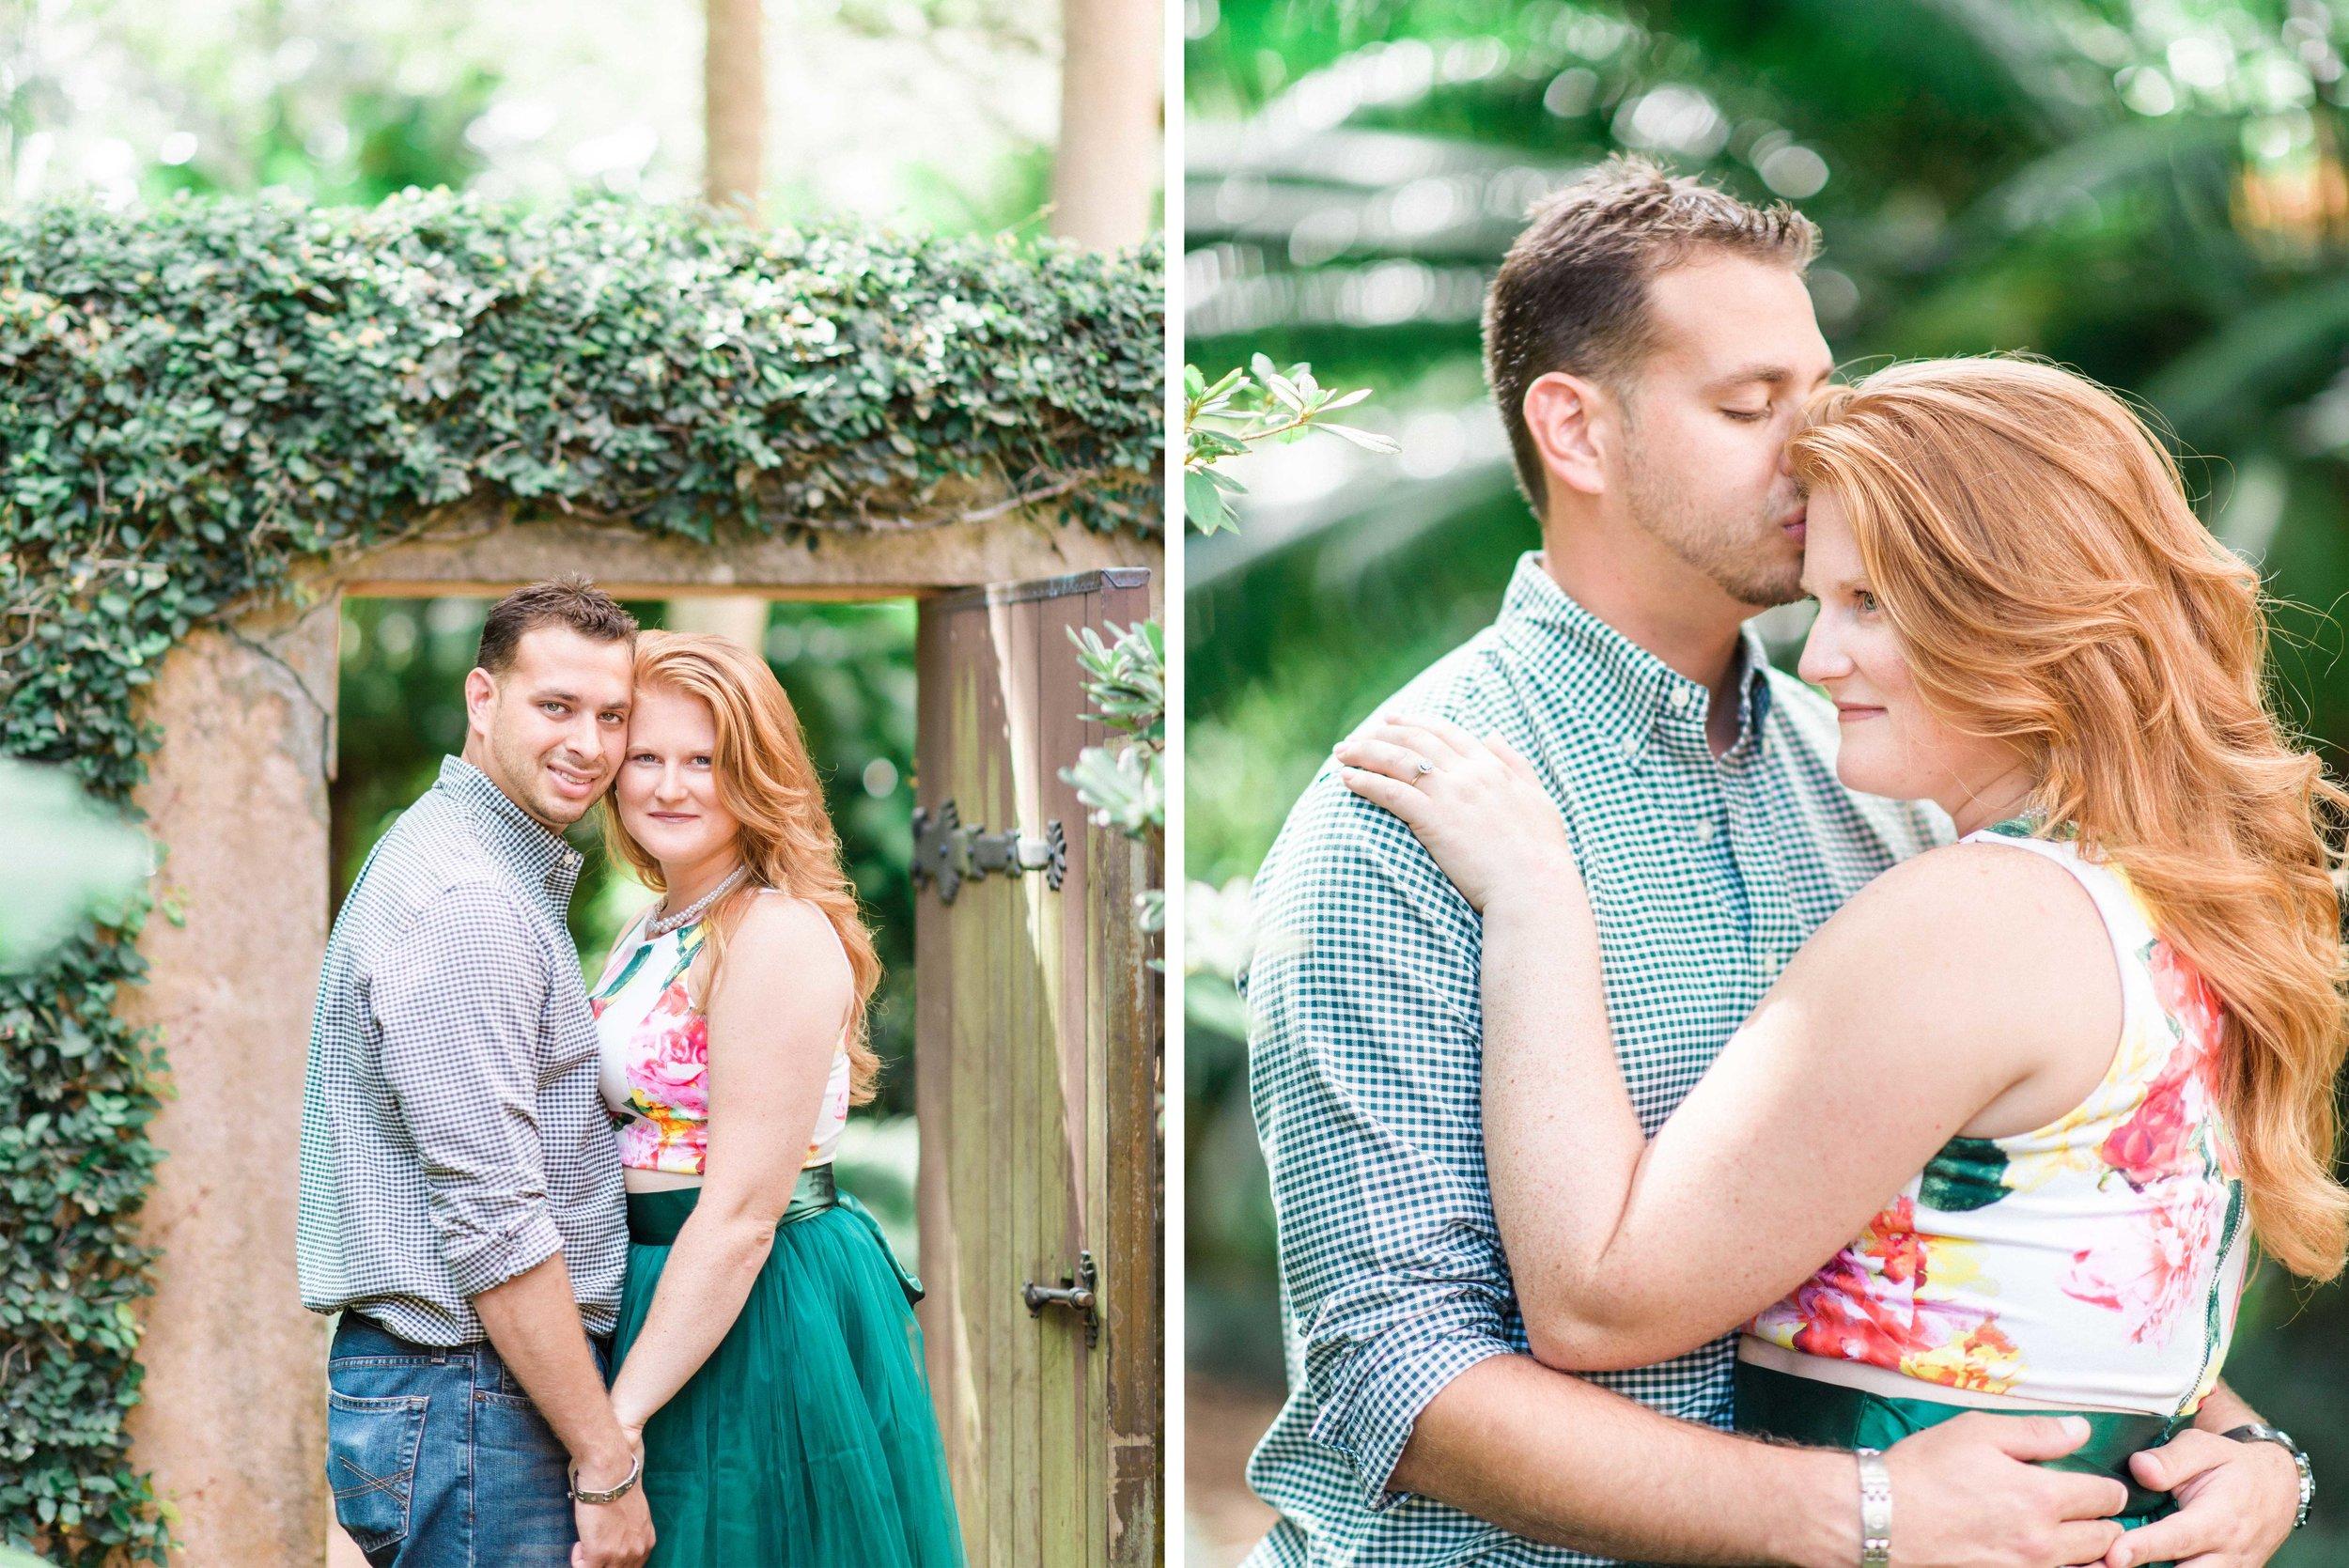 Couples Portrait Engagement Shoot in Garden with Ivy Doorway